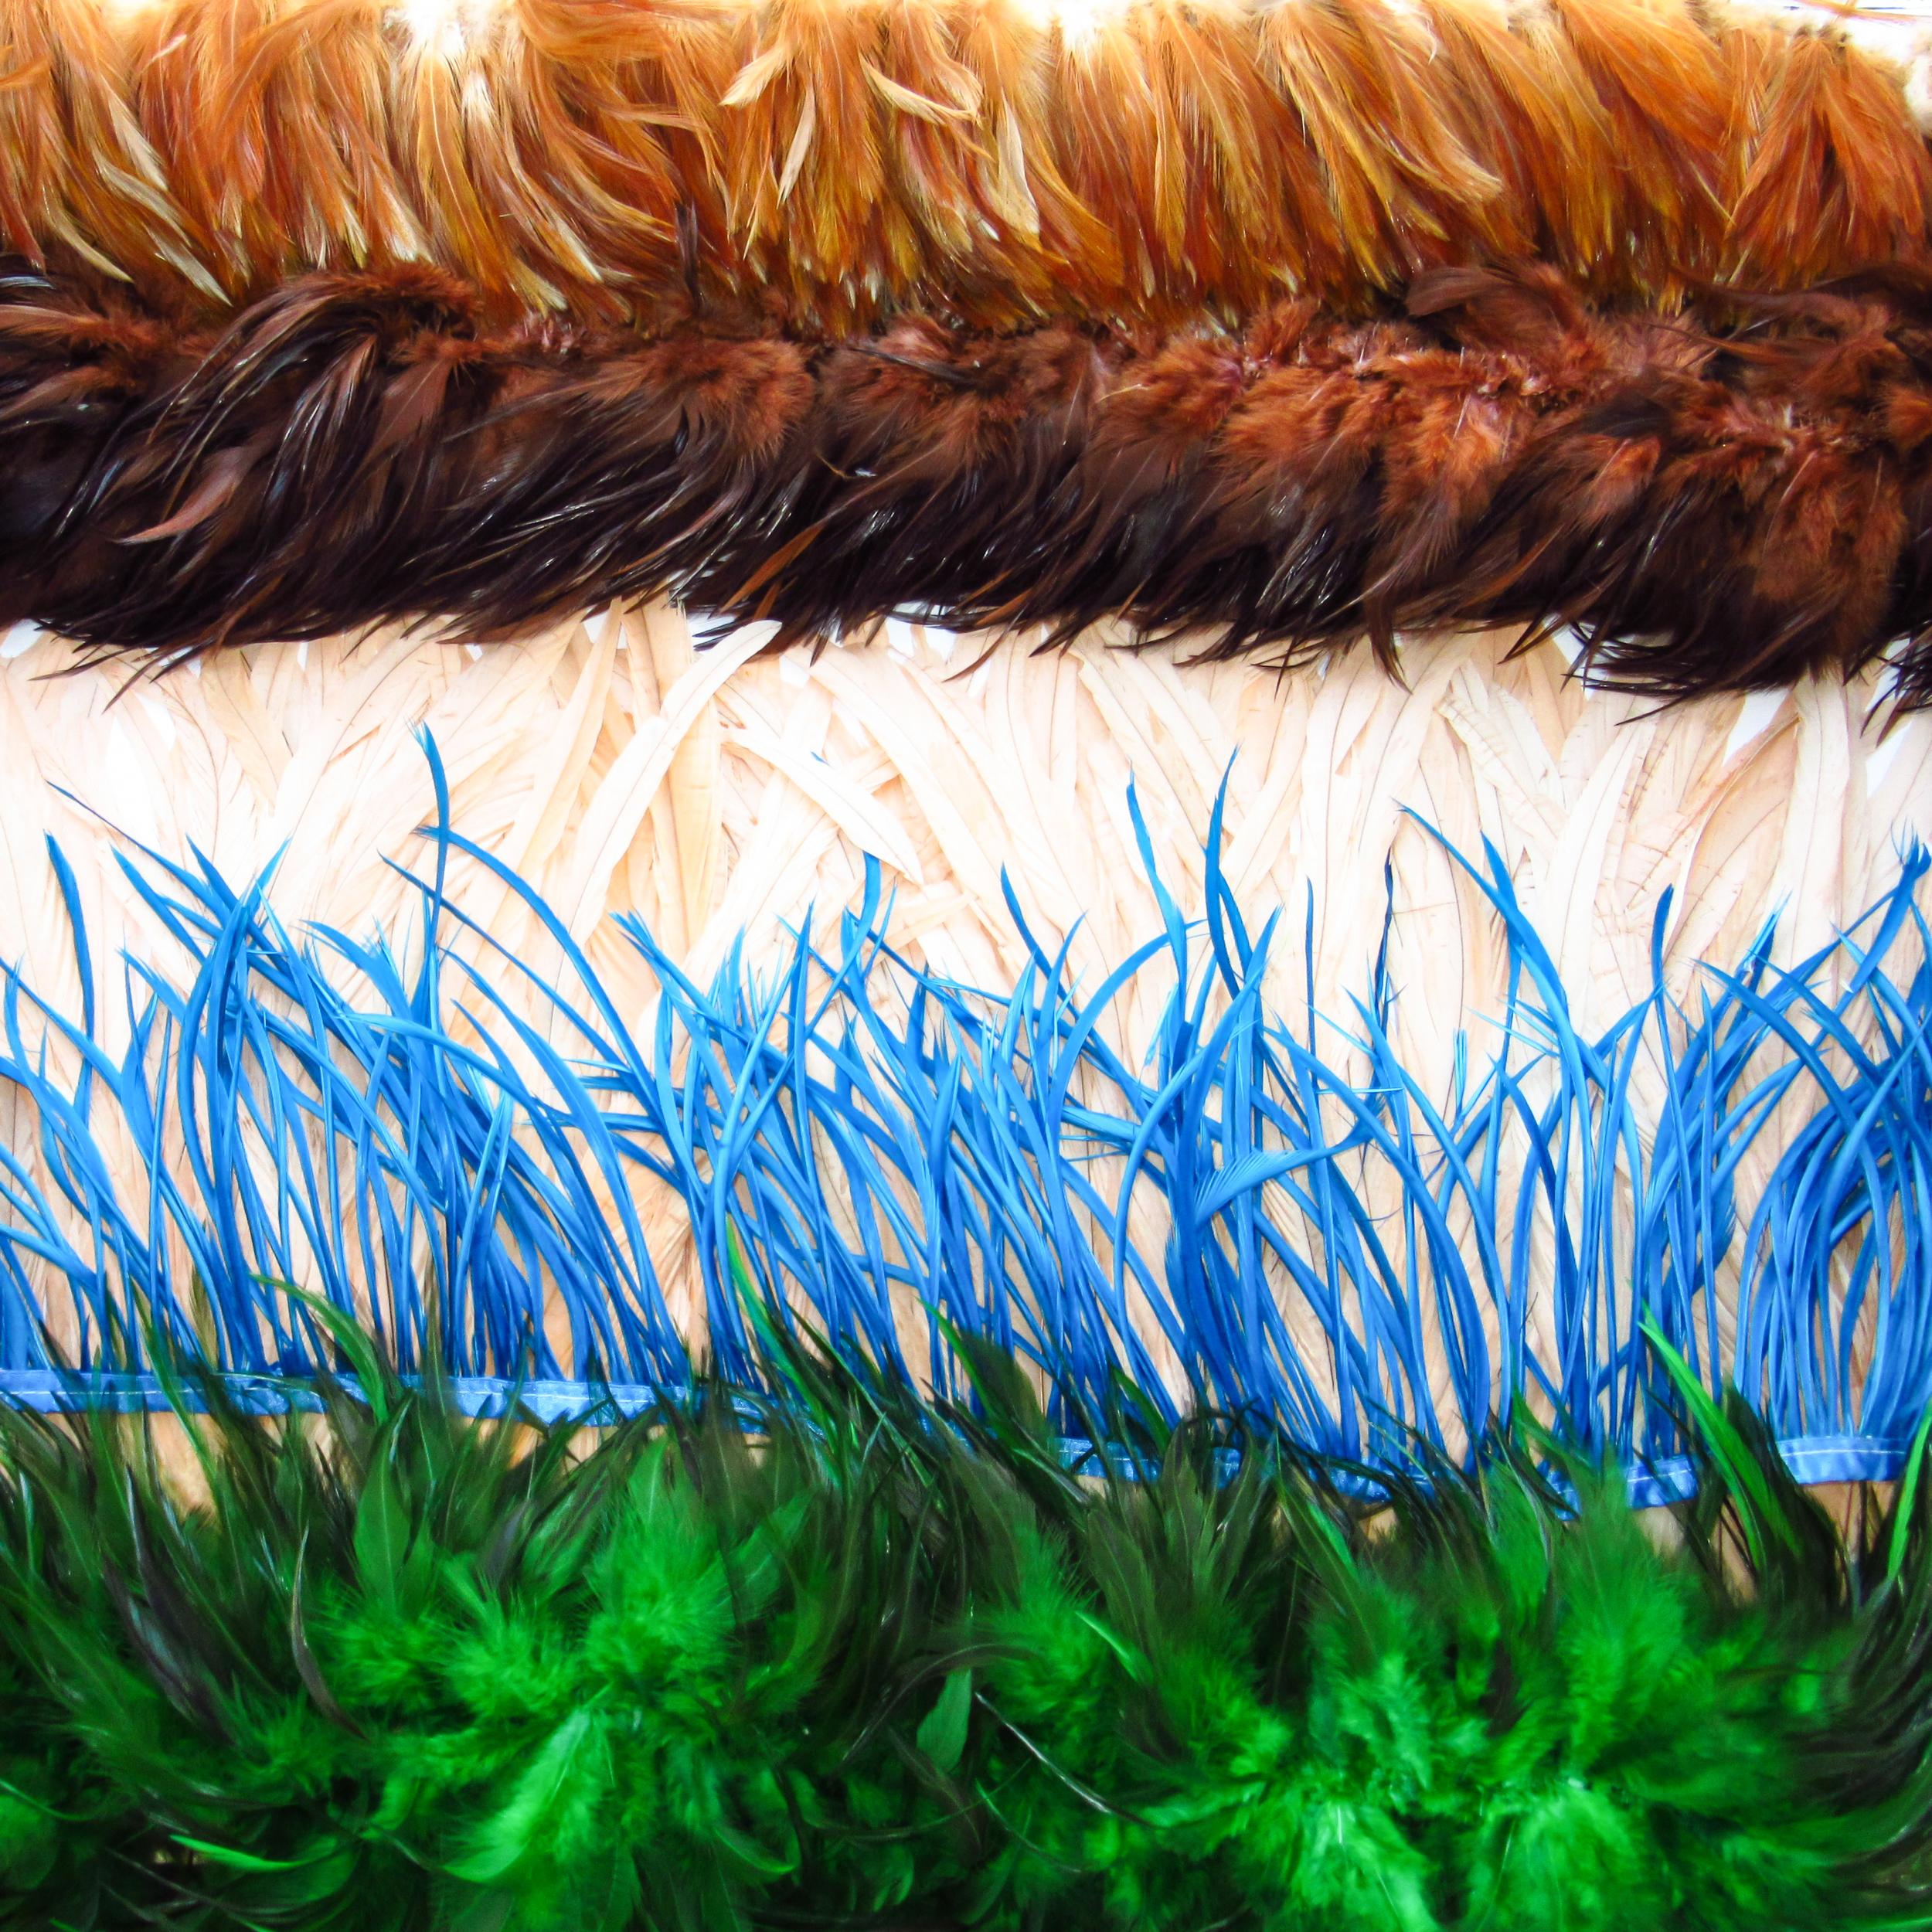 Franges de plumes